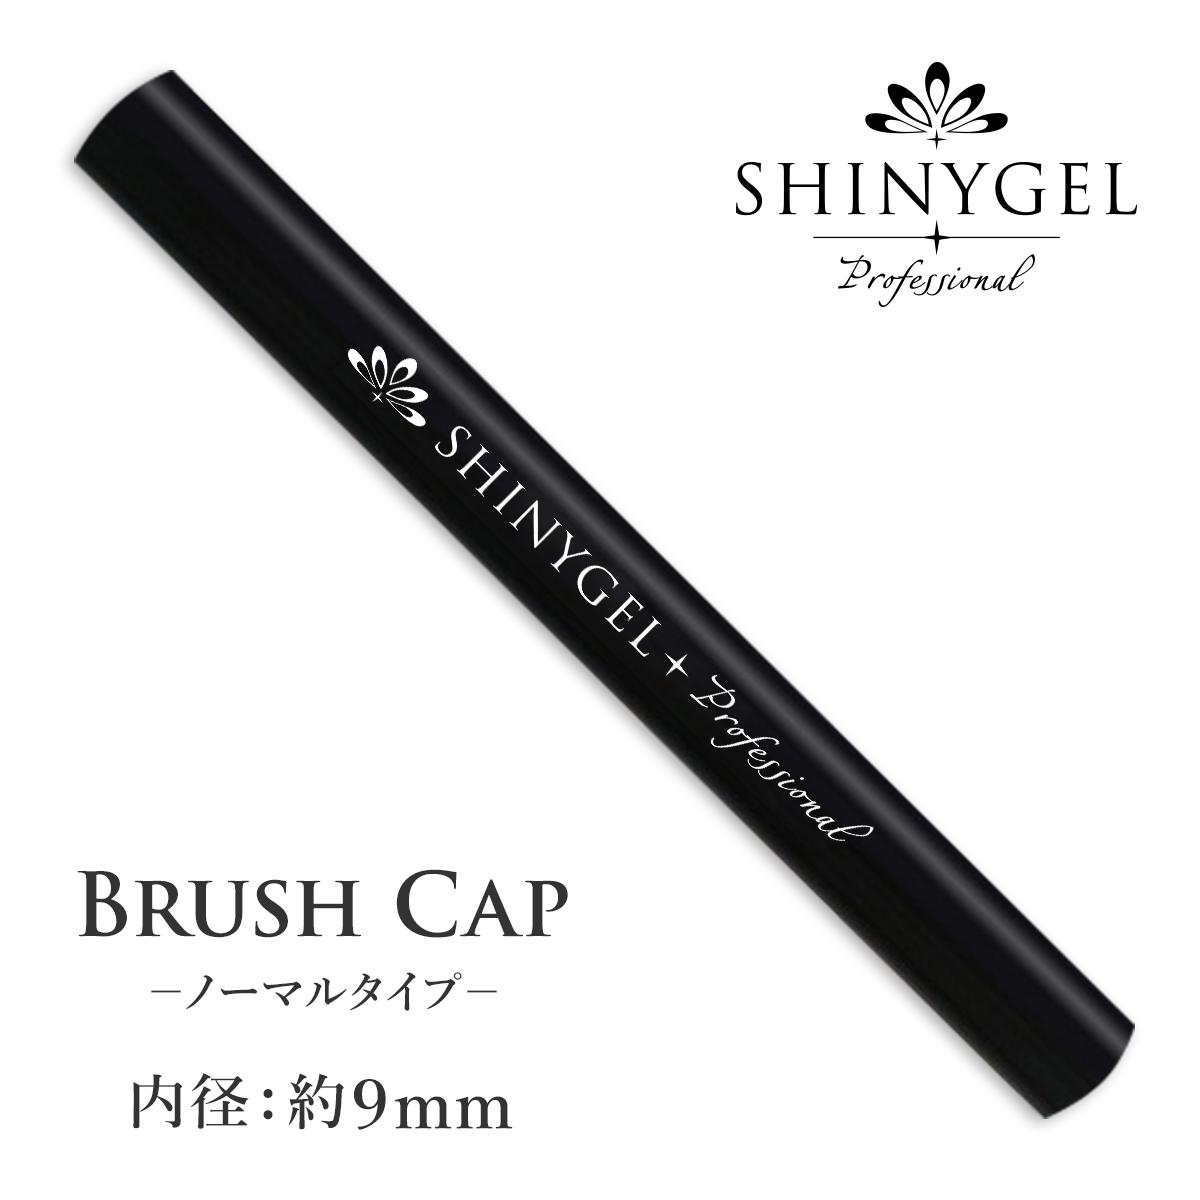 ブラシキャップ/SHINYGEL Professional・ella BY SHINYGELブラシに対応 (シャイニージェルプロフェッショナル)